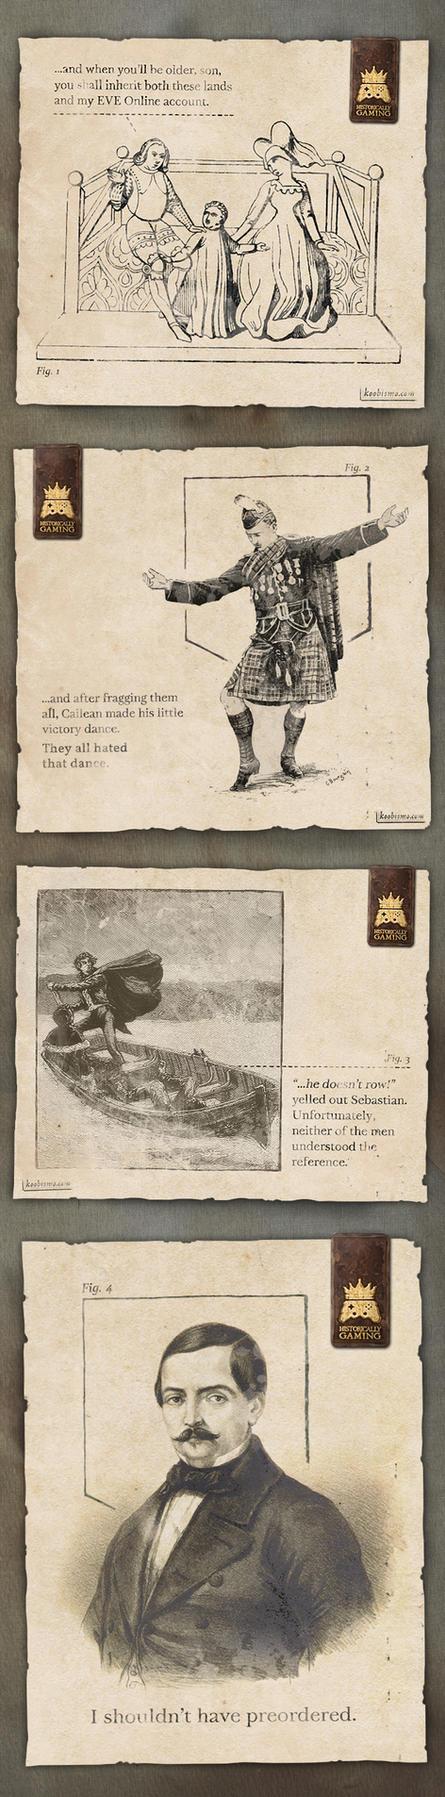 Historically Gaming, Set One by koobismo